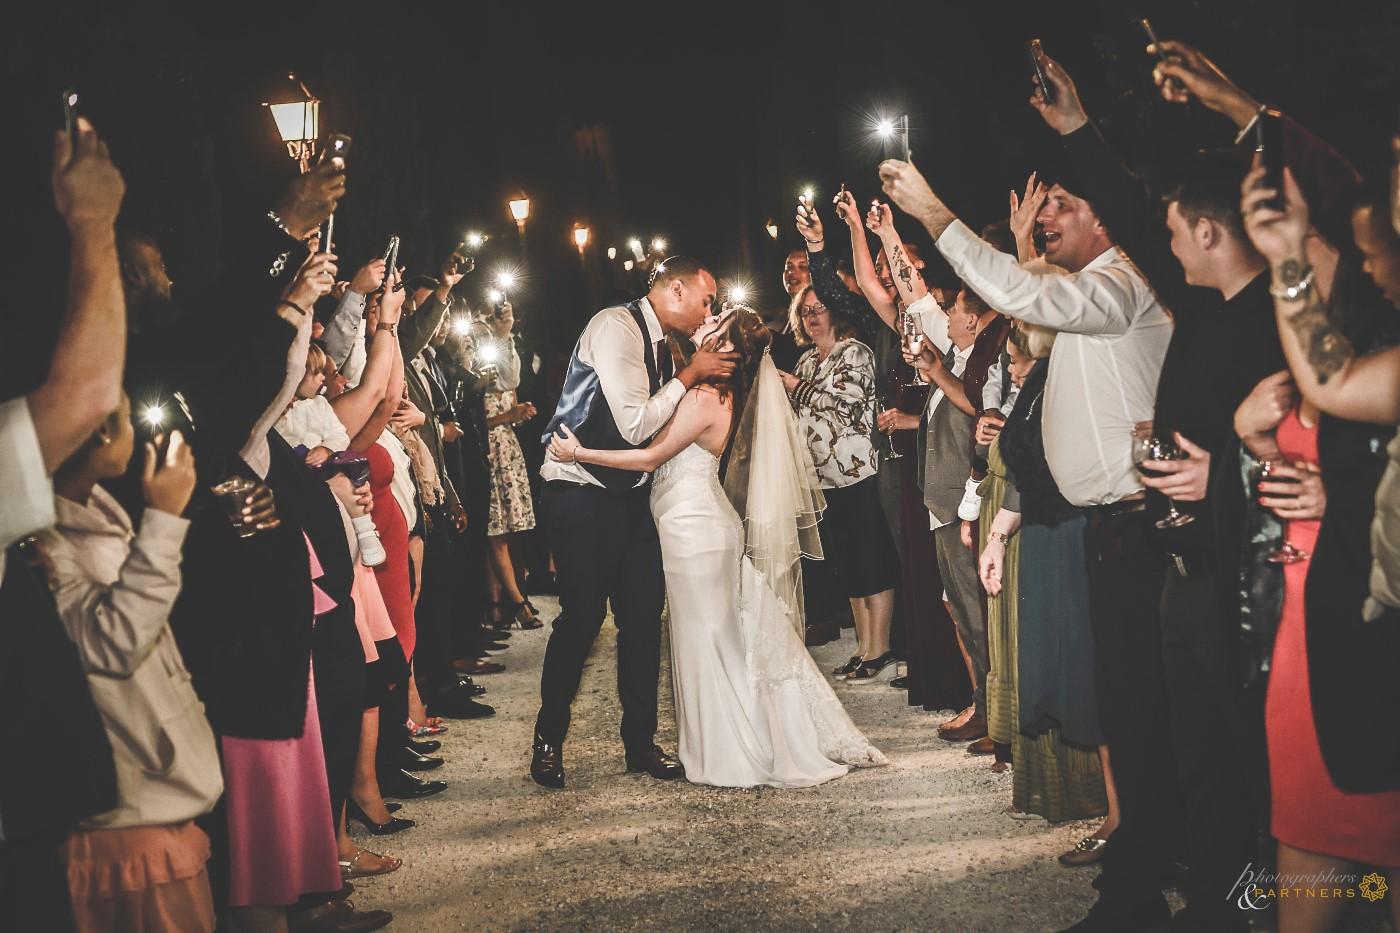 photographer_weddings_baroncino_20.jpg